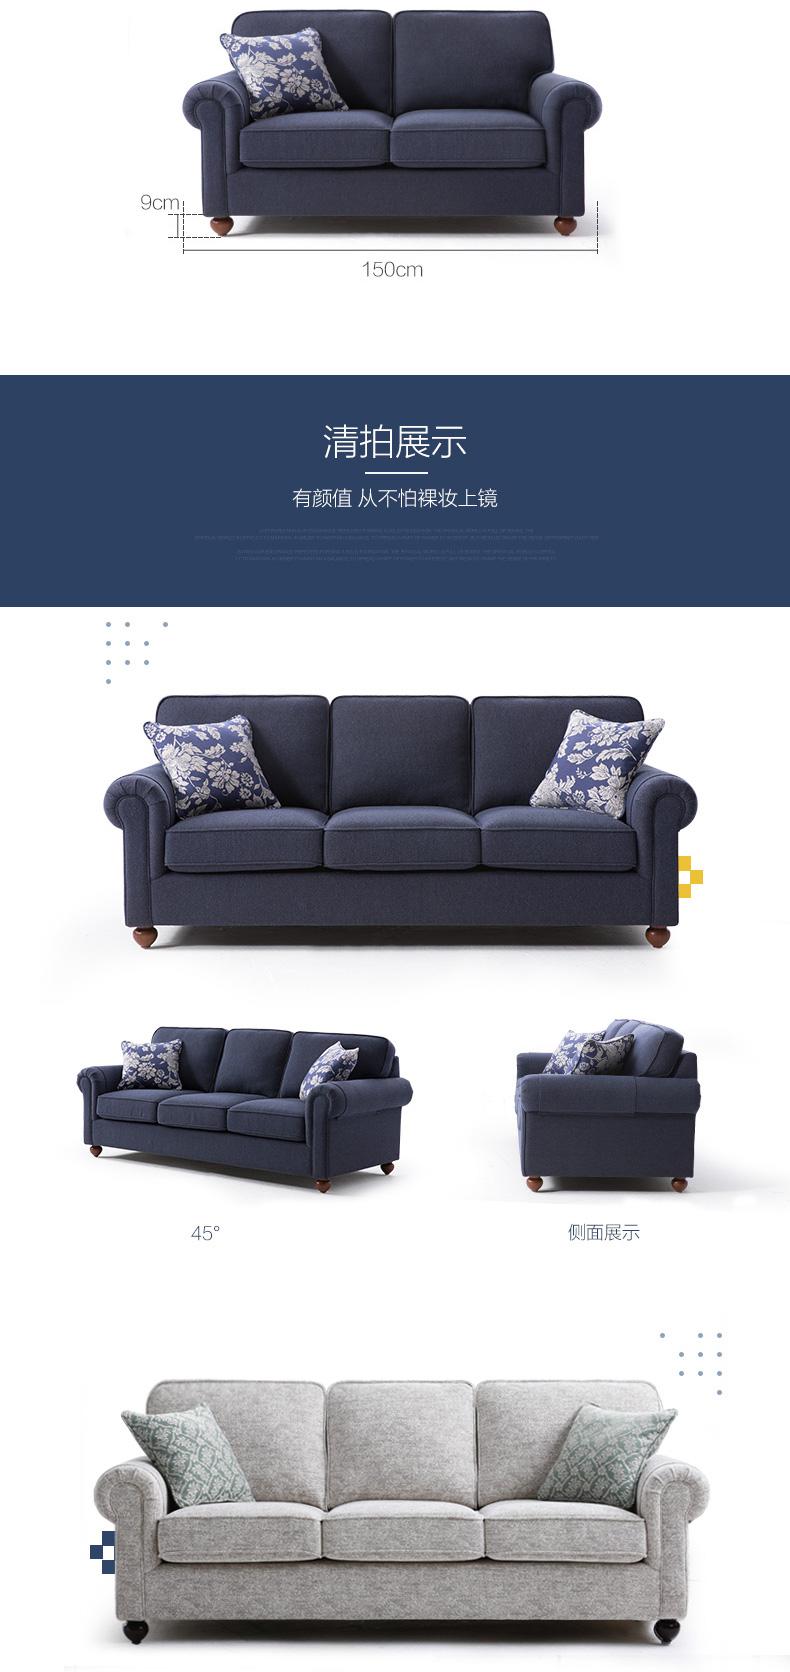 顾家-简约美式可拆洗布艺沙发2030_10.jpg